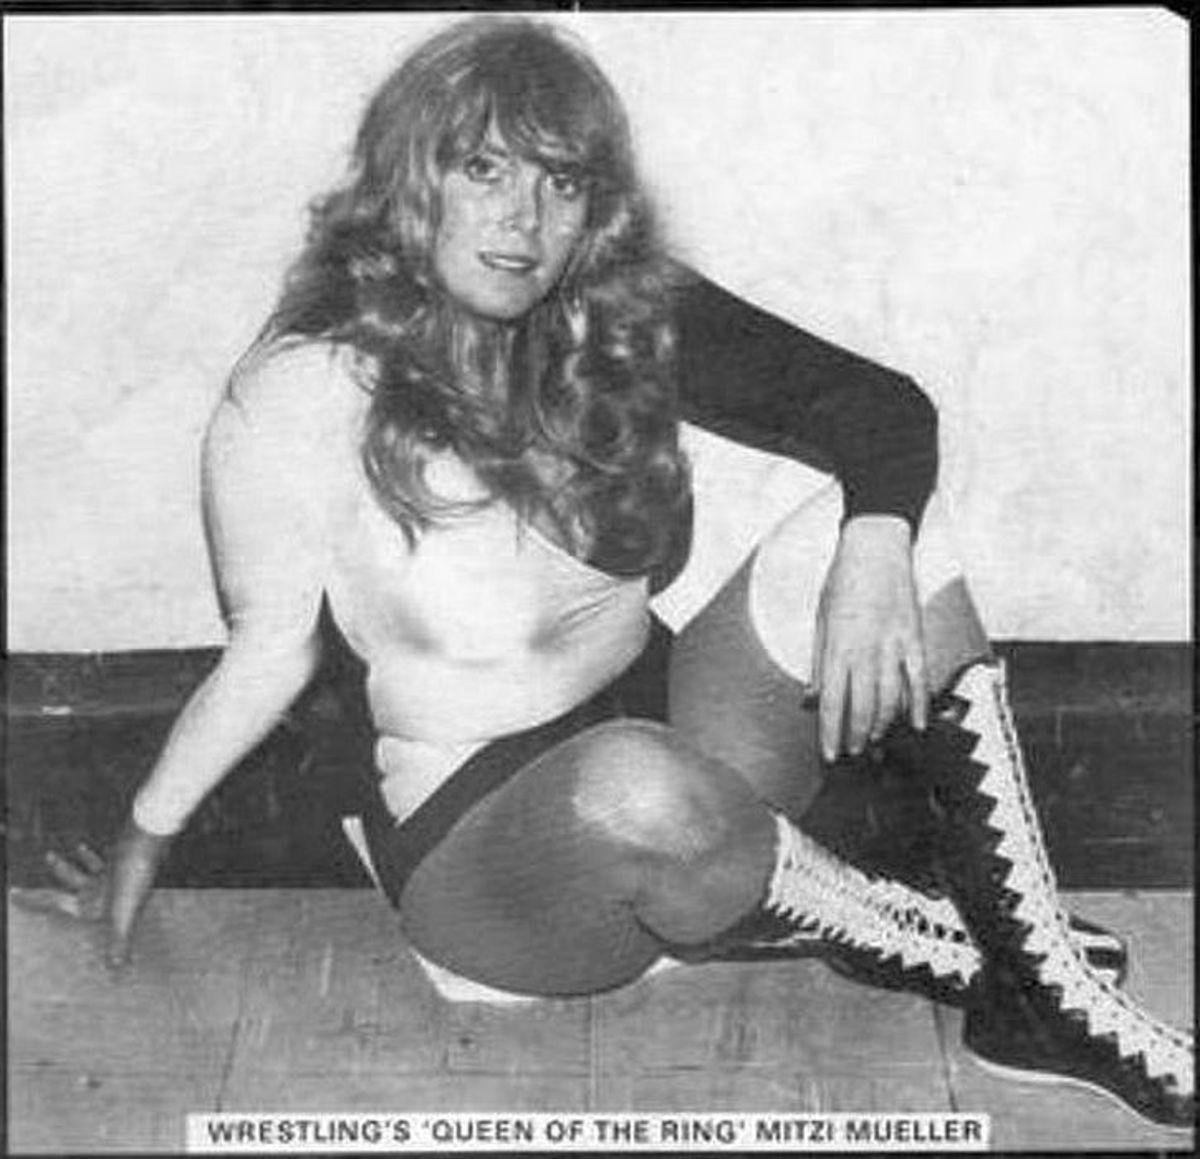 British Women's Pro Wrestling - Mitzi Mueller